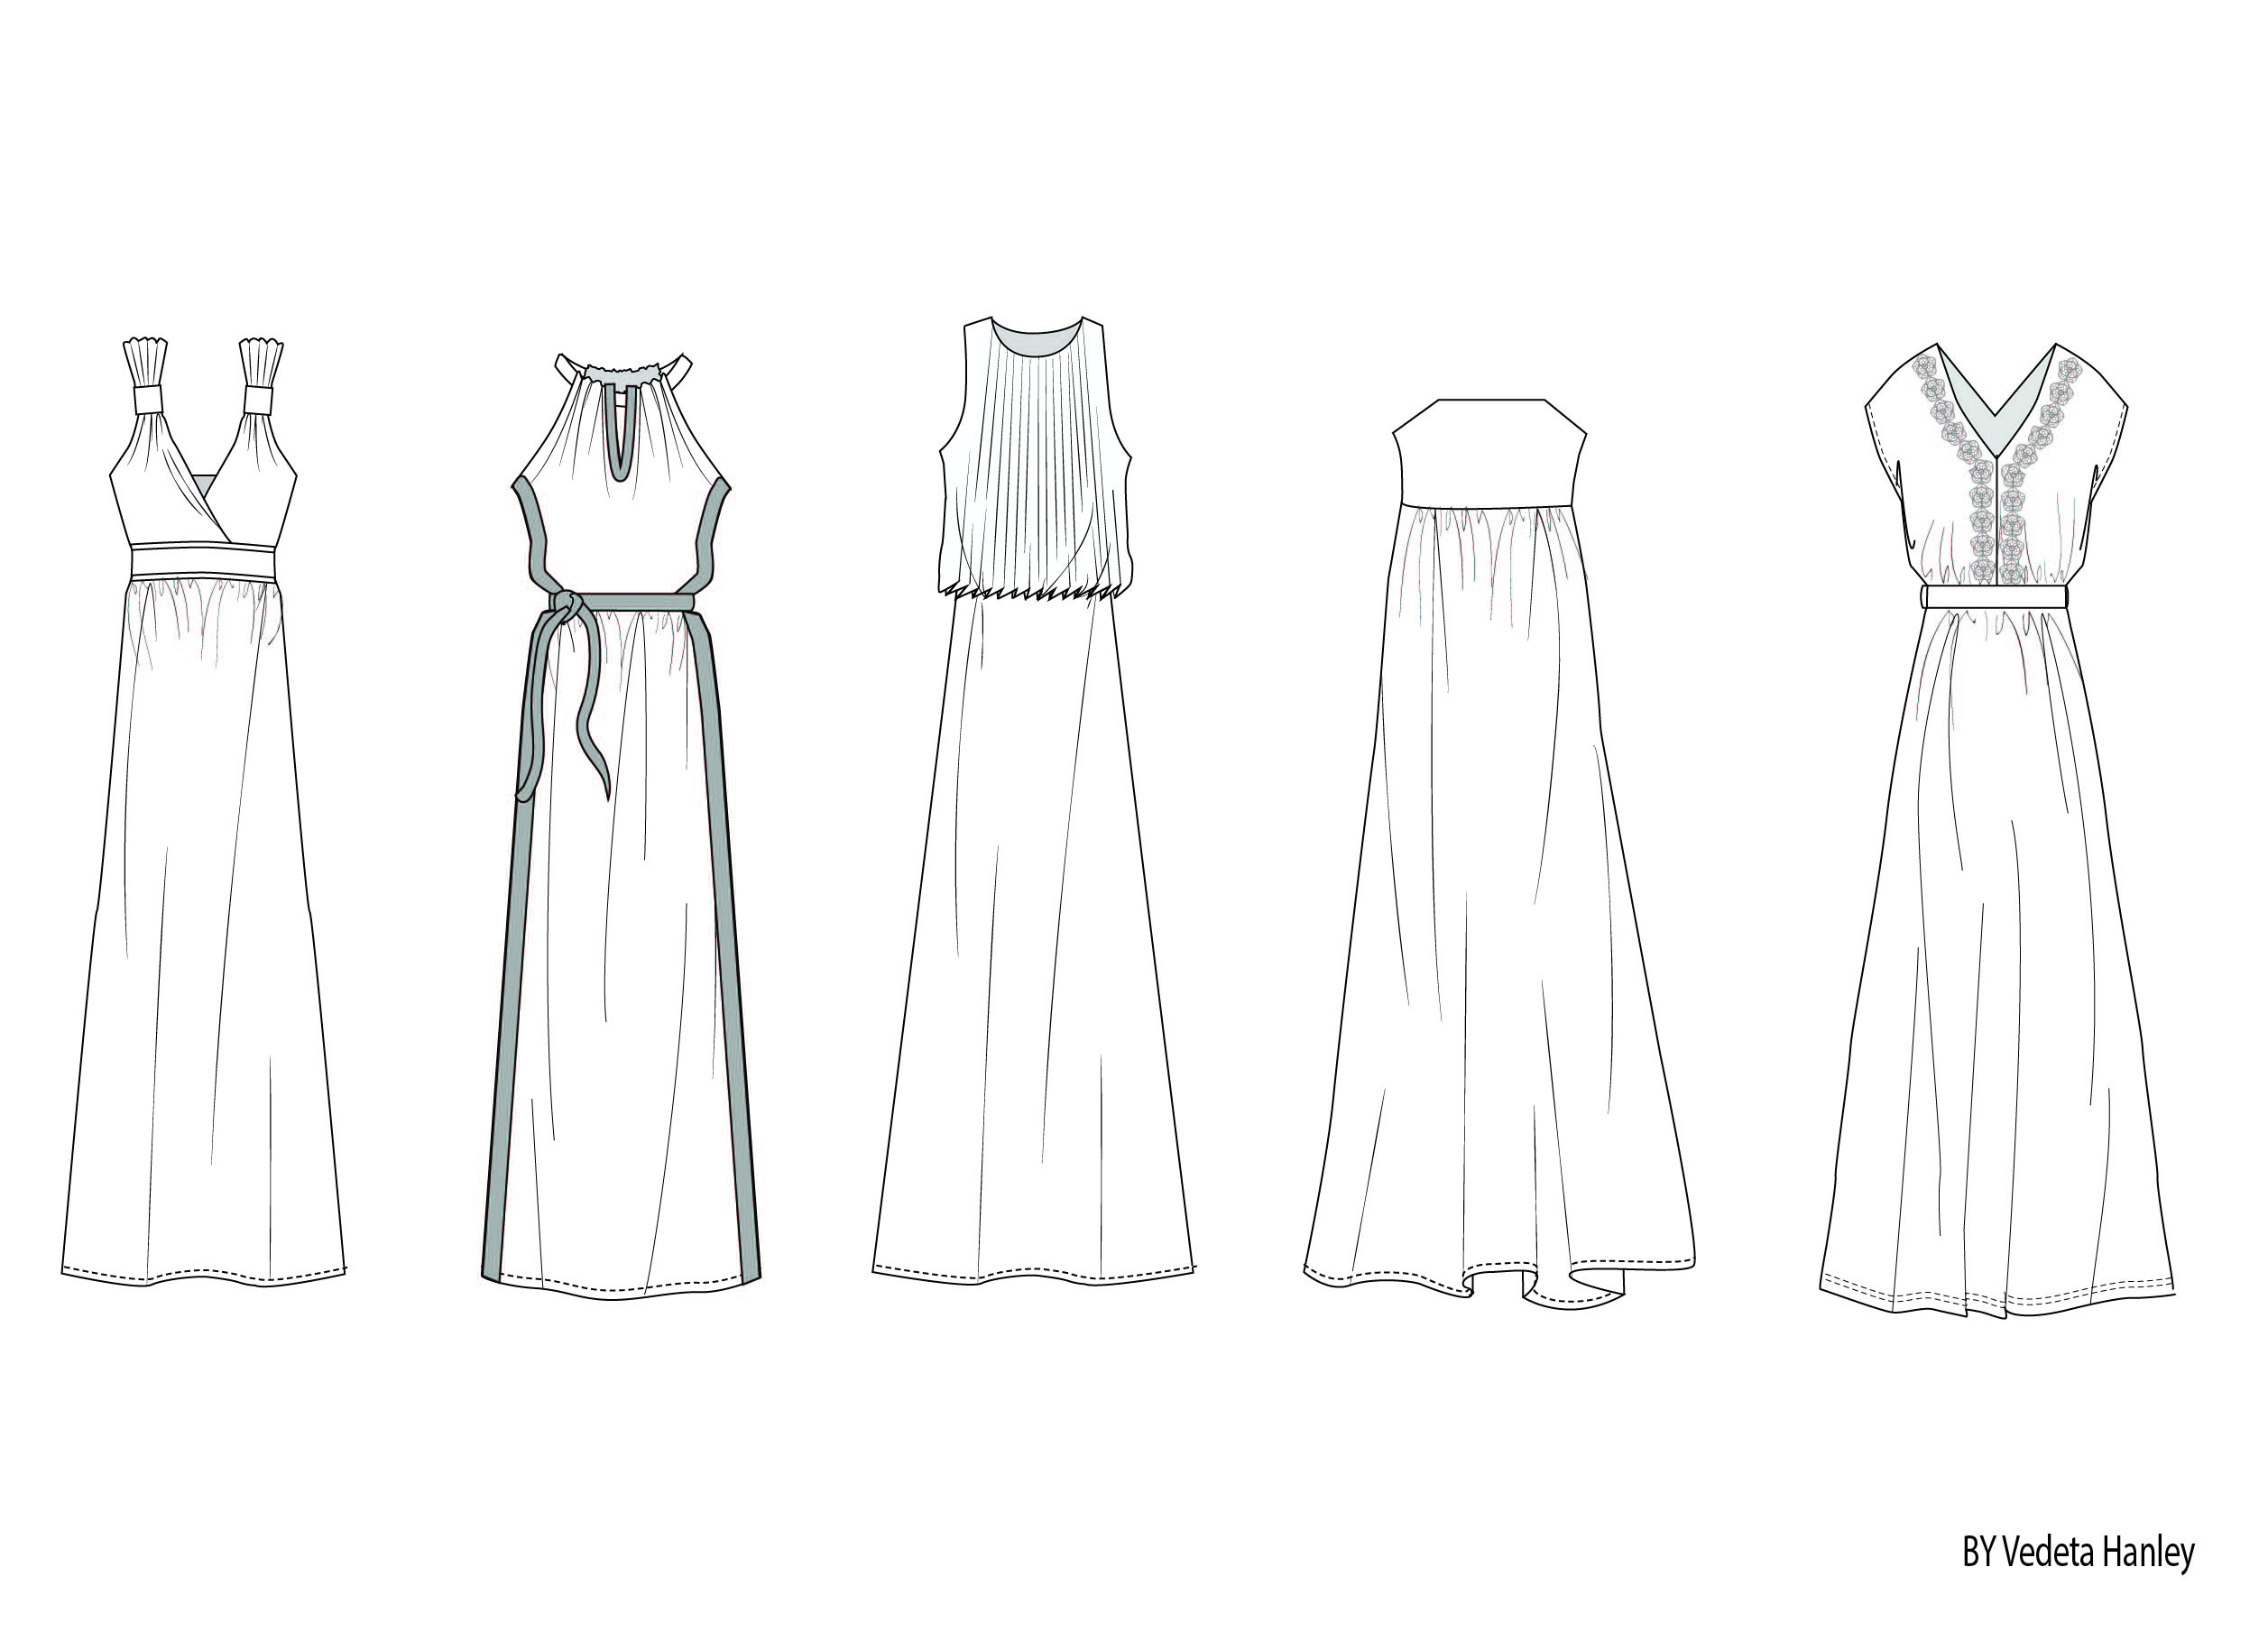 DRESSES cads by Vedeta Hanley-03.jpg